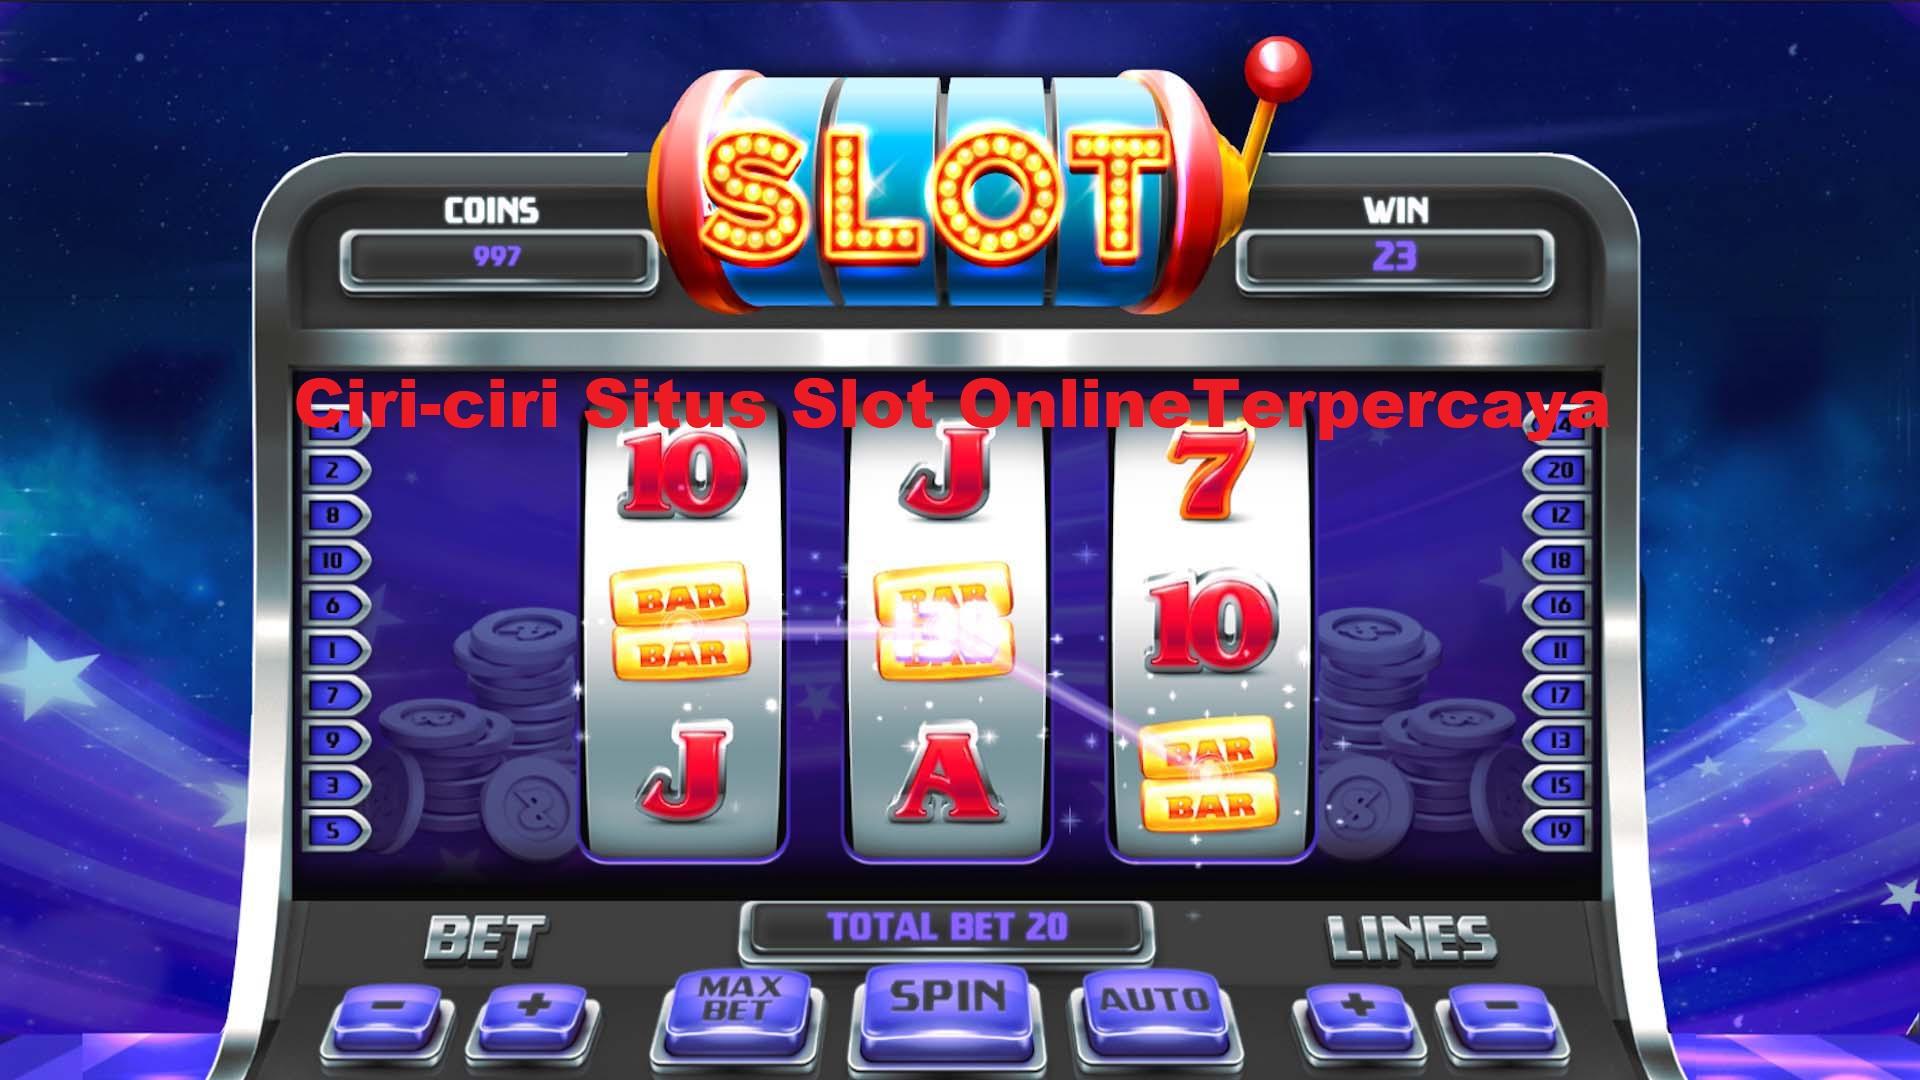 Ciri-ciri Situs Slot OnlineTerpercaya